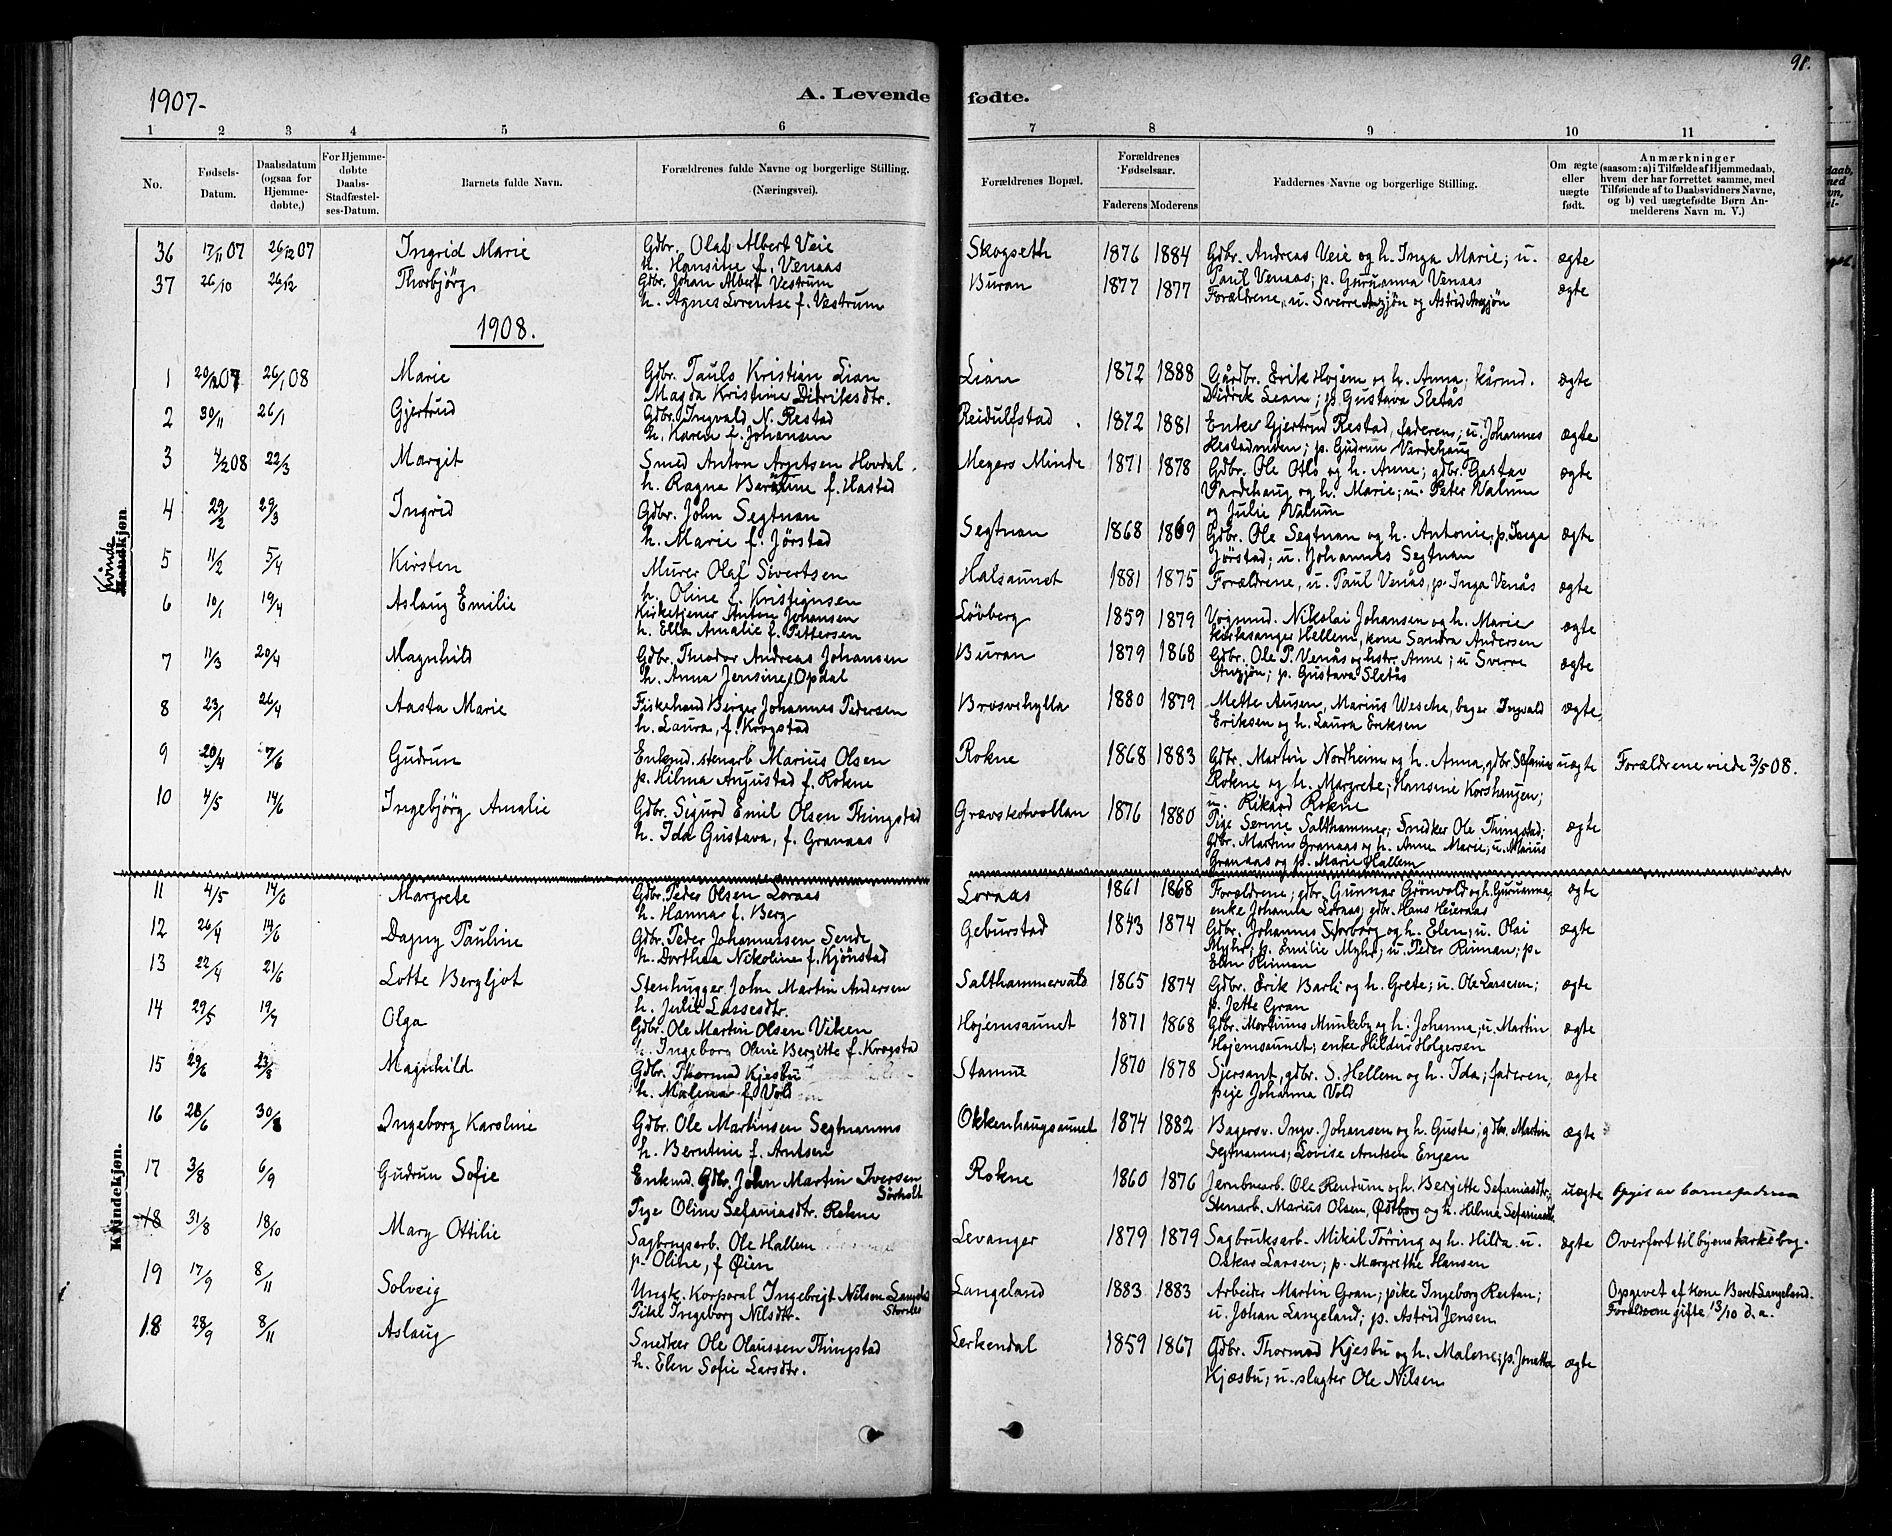 SAT, Ministerialprotokoller, klokkerbøker og fødselsregistre - Nord-Trøndelag, 721/L0208: Klokkerbok nr. 721C01, 1880-1917, s. 91